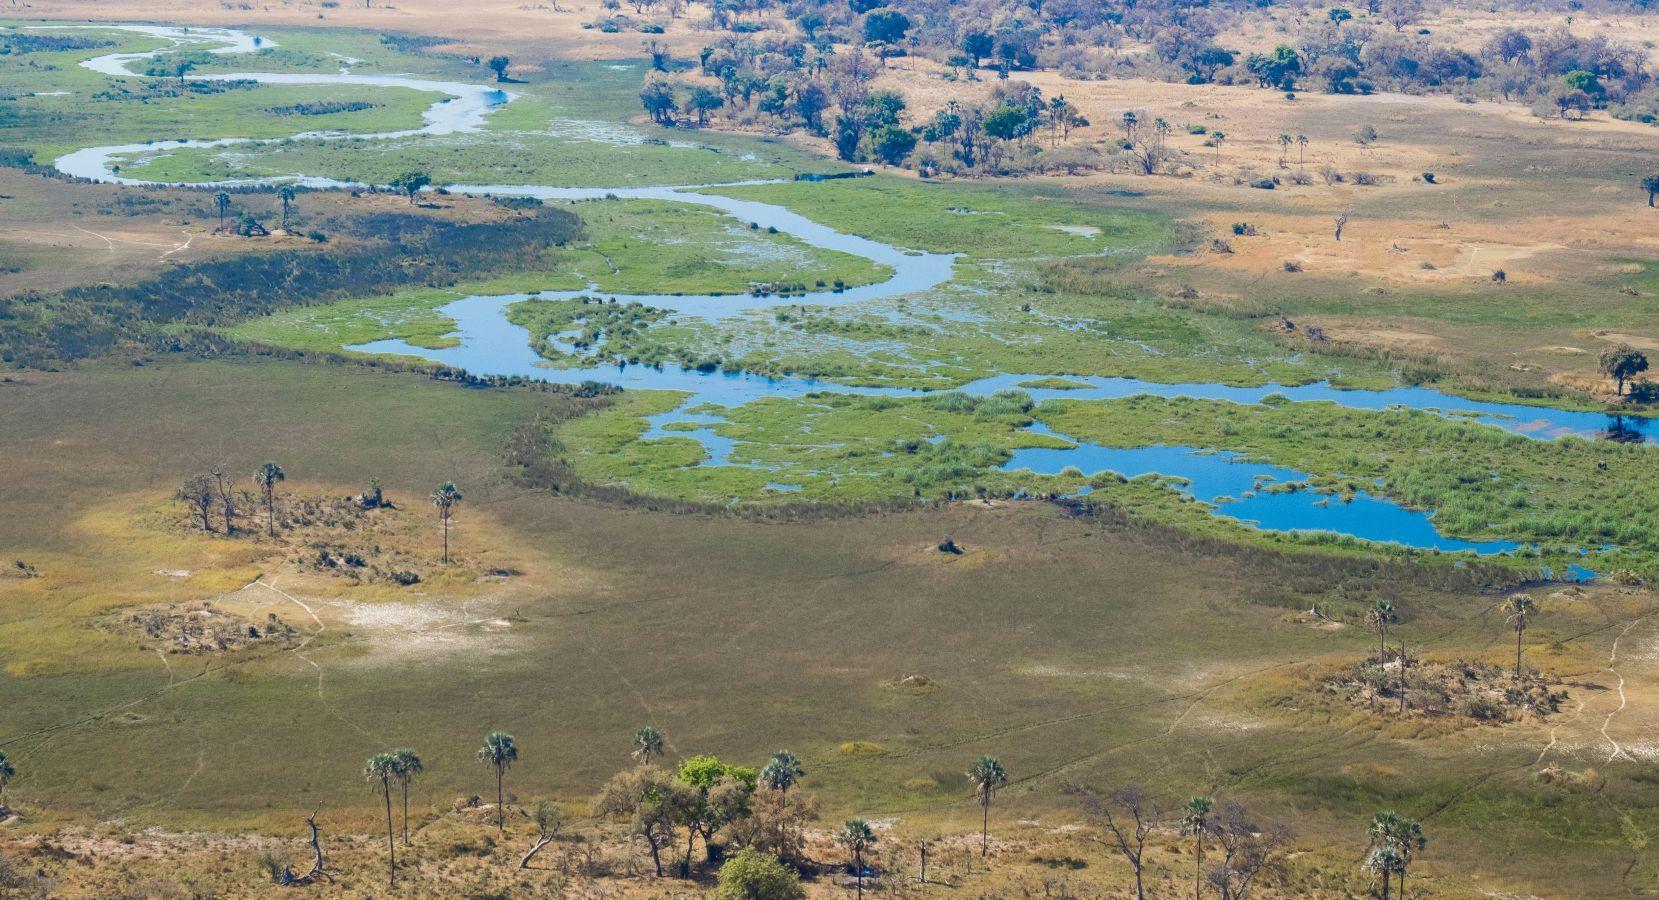 Okavango Delta - waterwegen vanuit de lucht